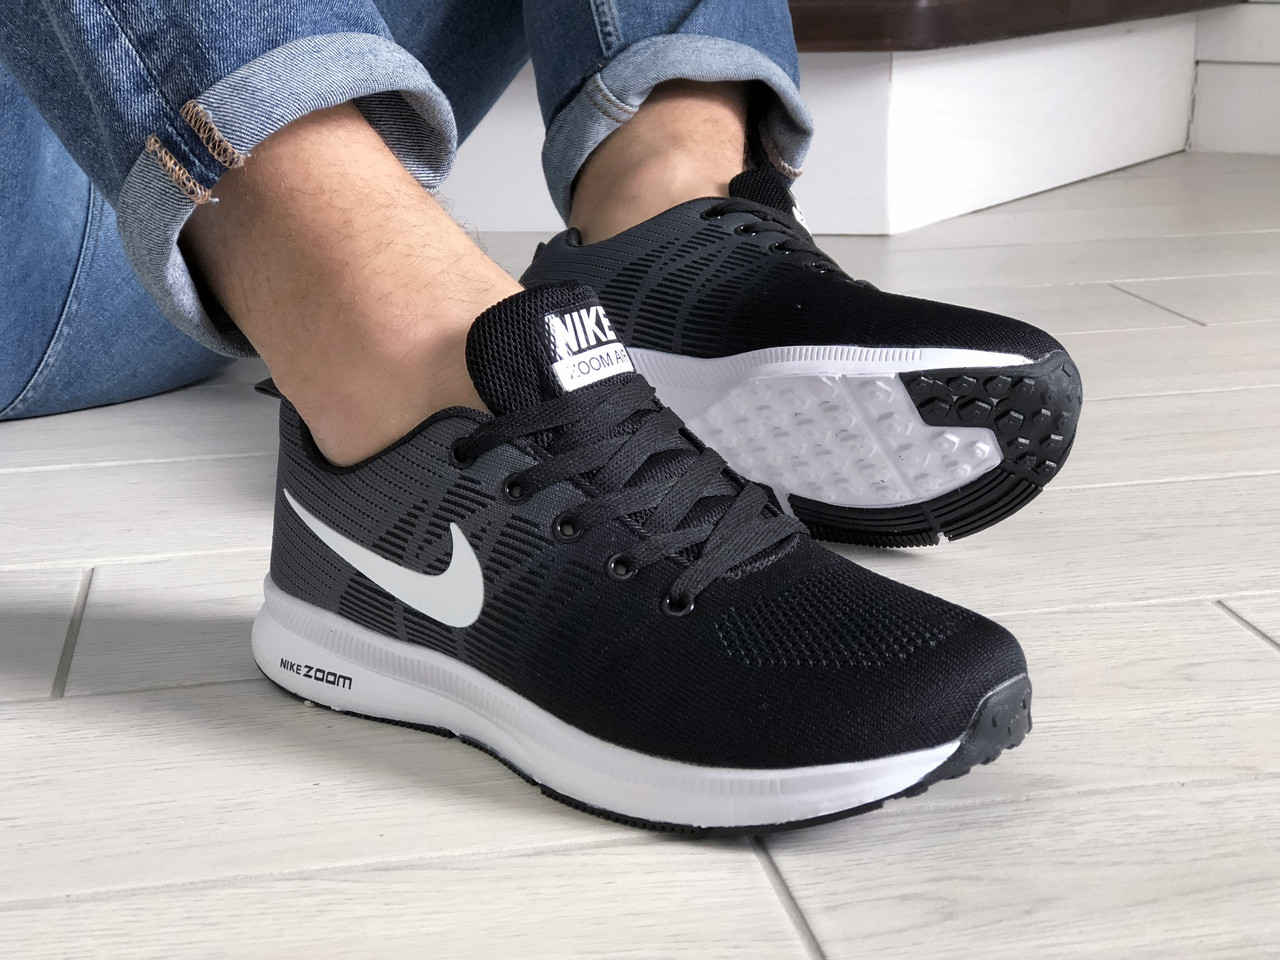 Мужские кроссовки Nike ZOOM (черно-серые с белым) 9243